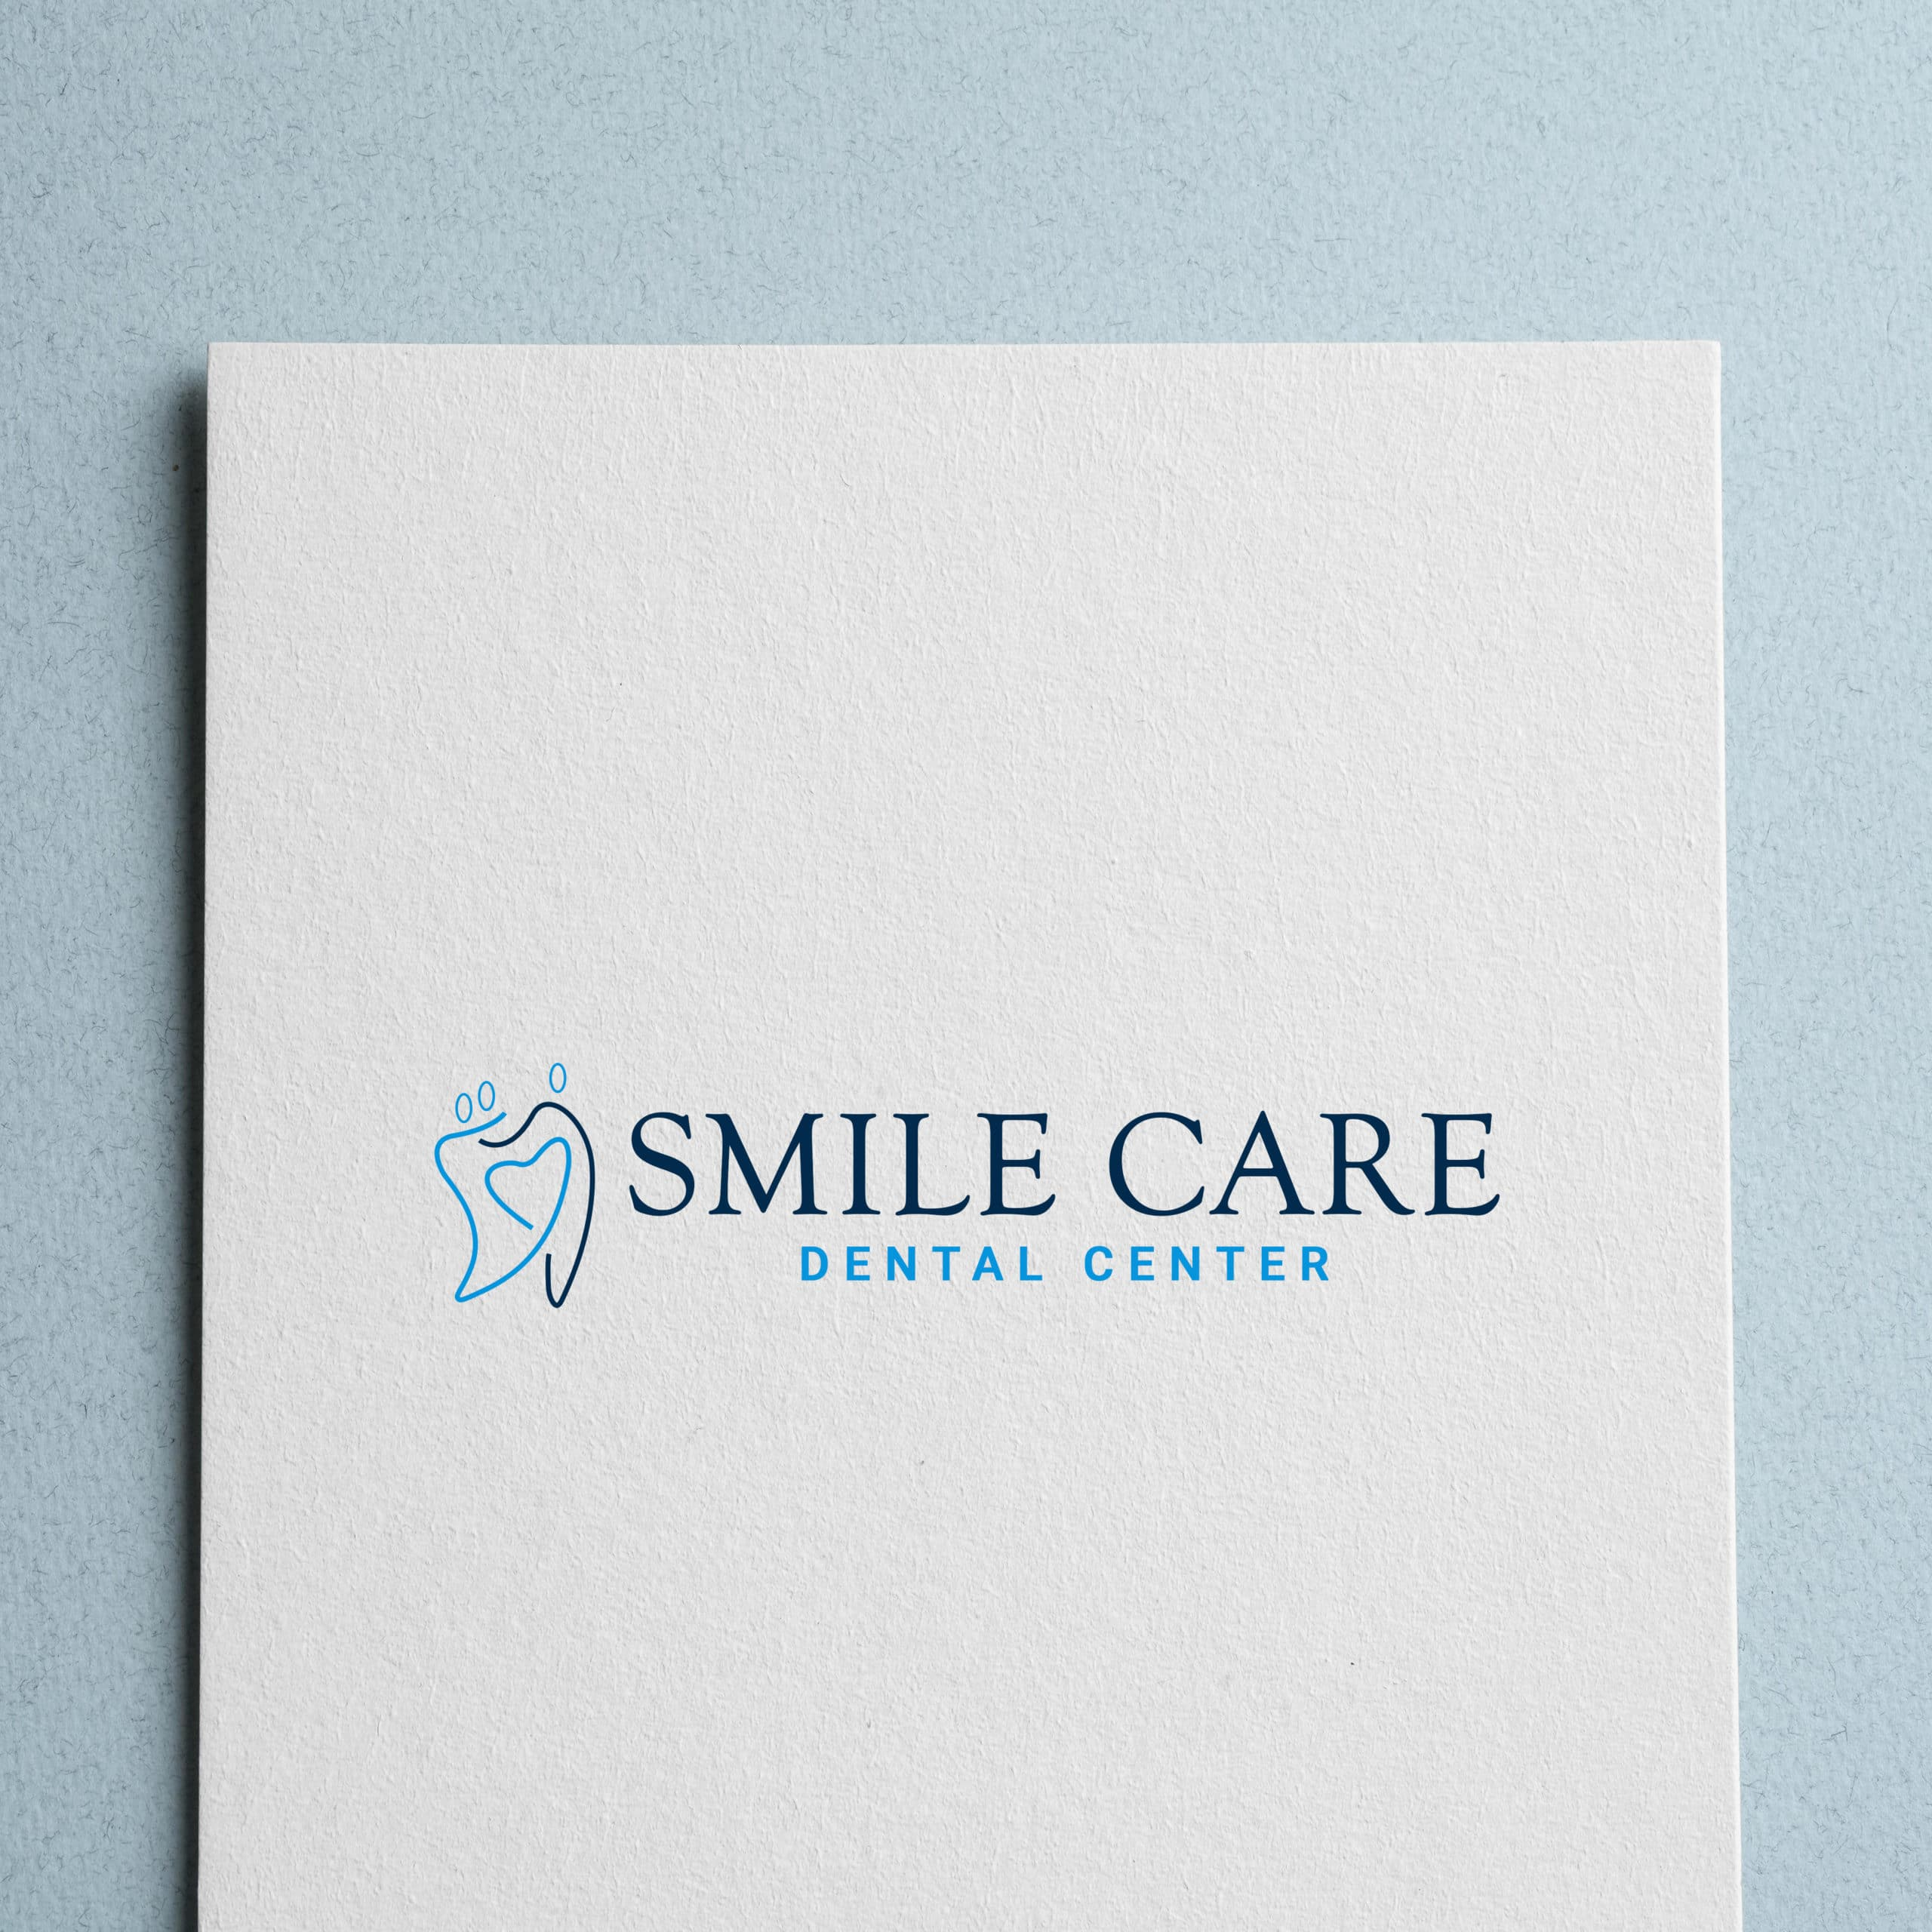 Smile Care Dental Center, Abbotsford